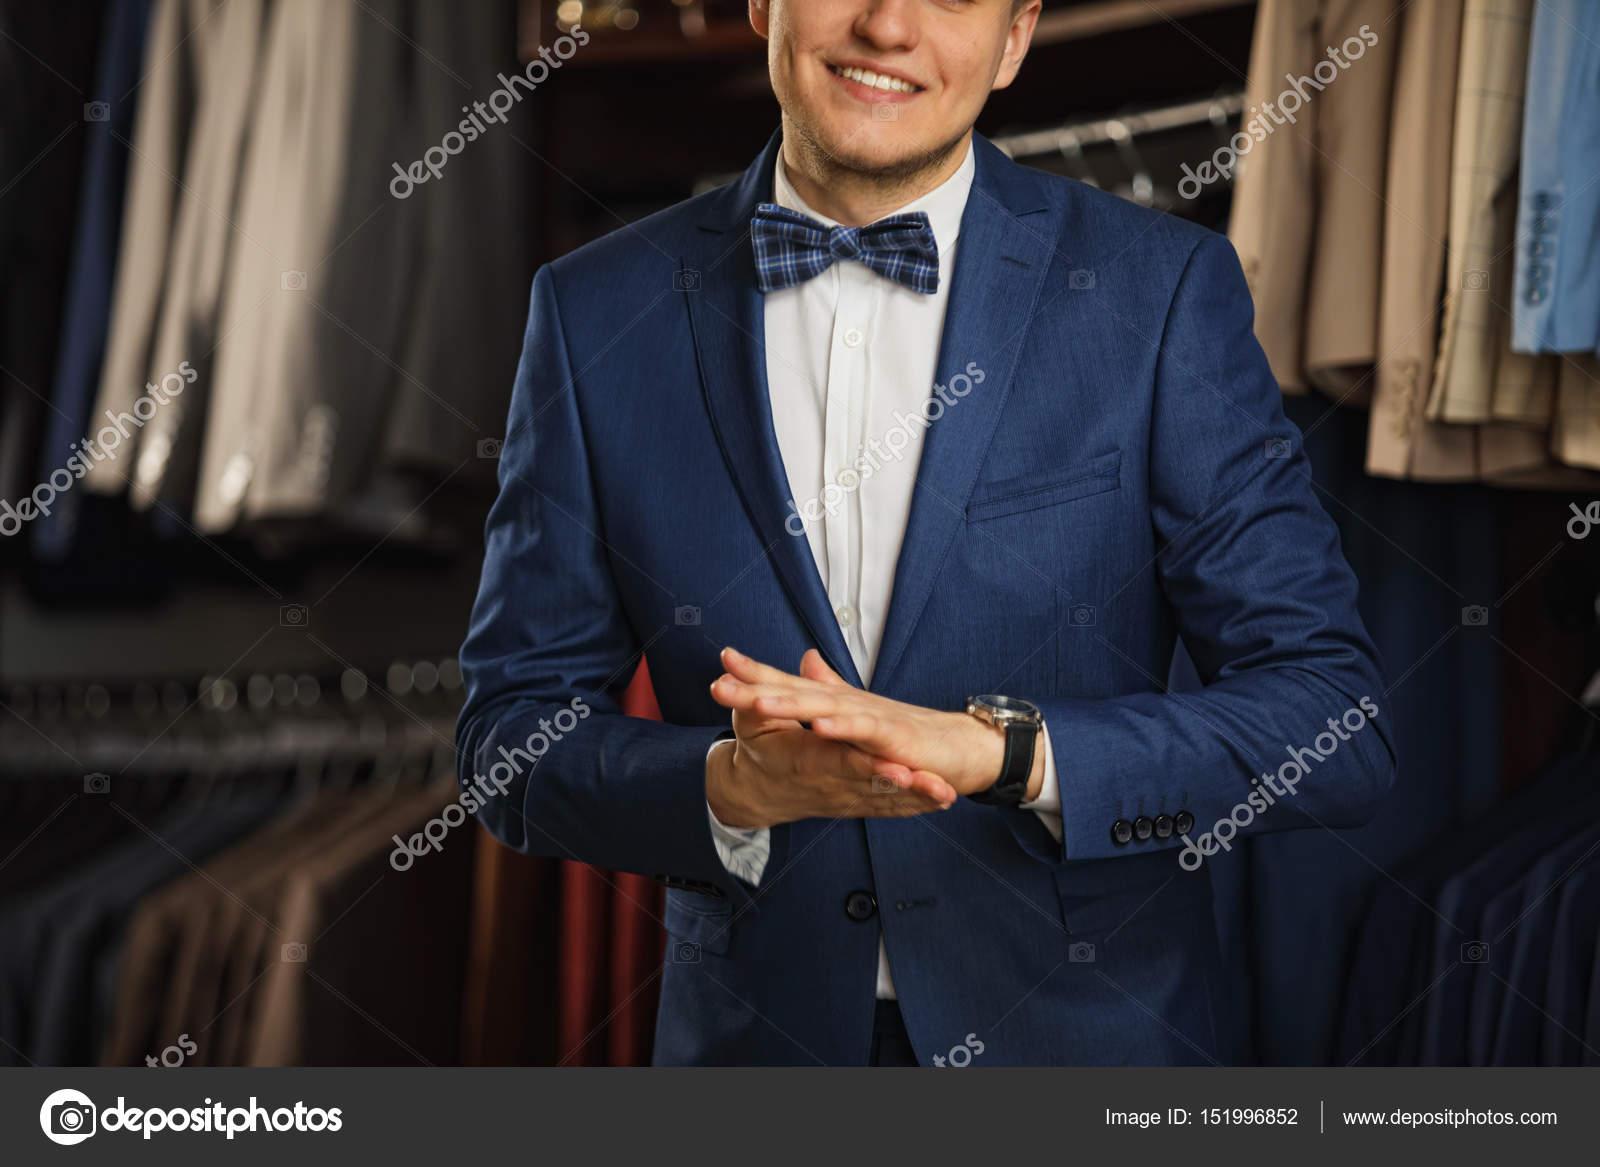 Επιχειρηματία στο κλασικό γιλέκο κατά σειρά ταιριάζει στο μαγαζί ... 4b3c7a69d07